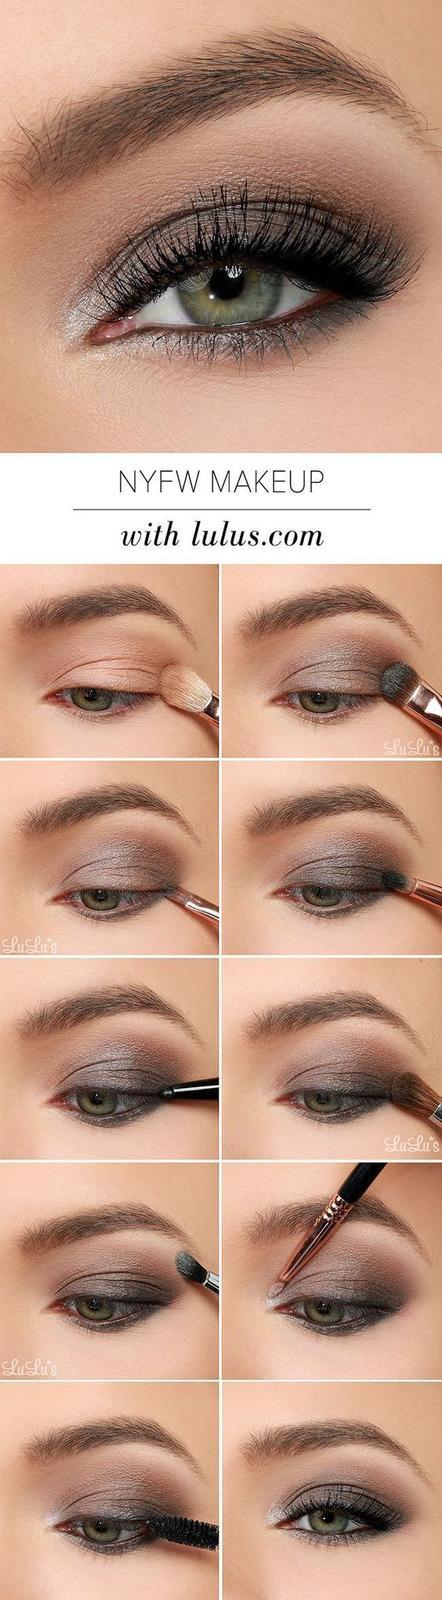 Svadobne ucesy a makeup - Obrázok č. 95